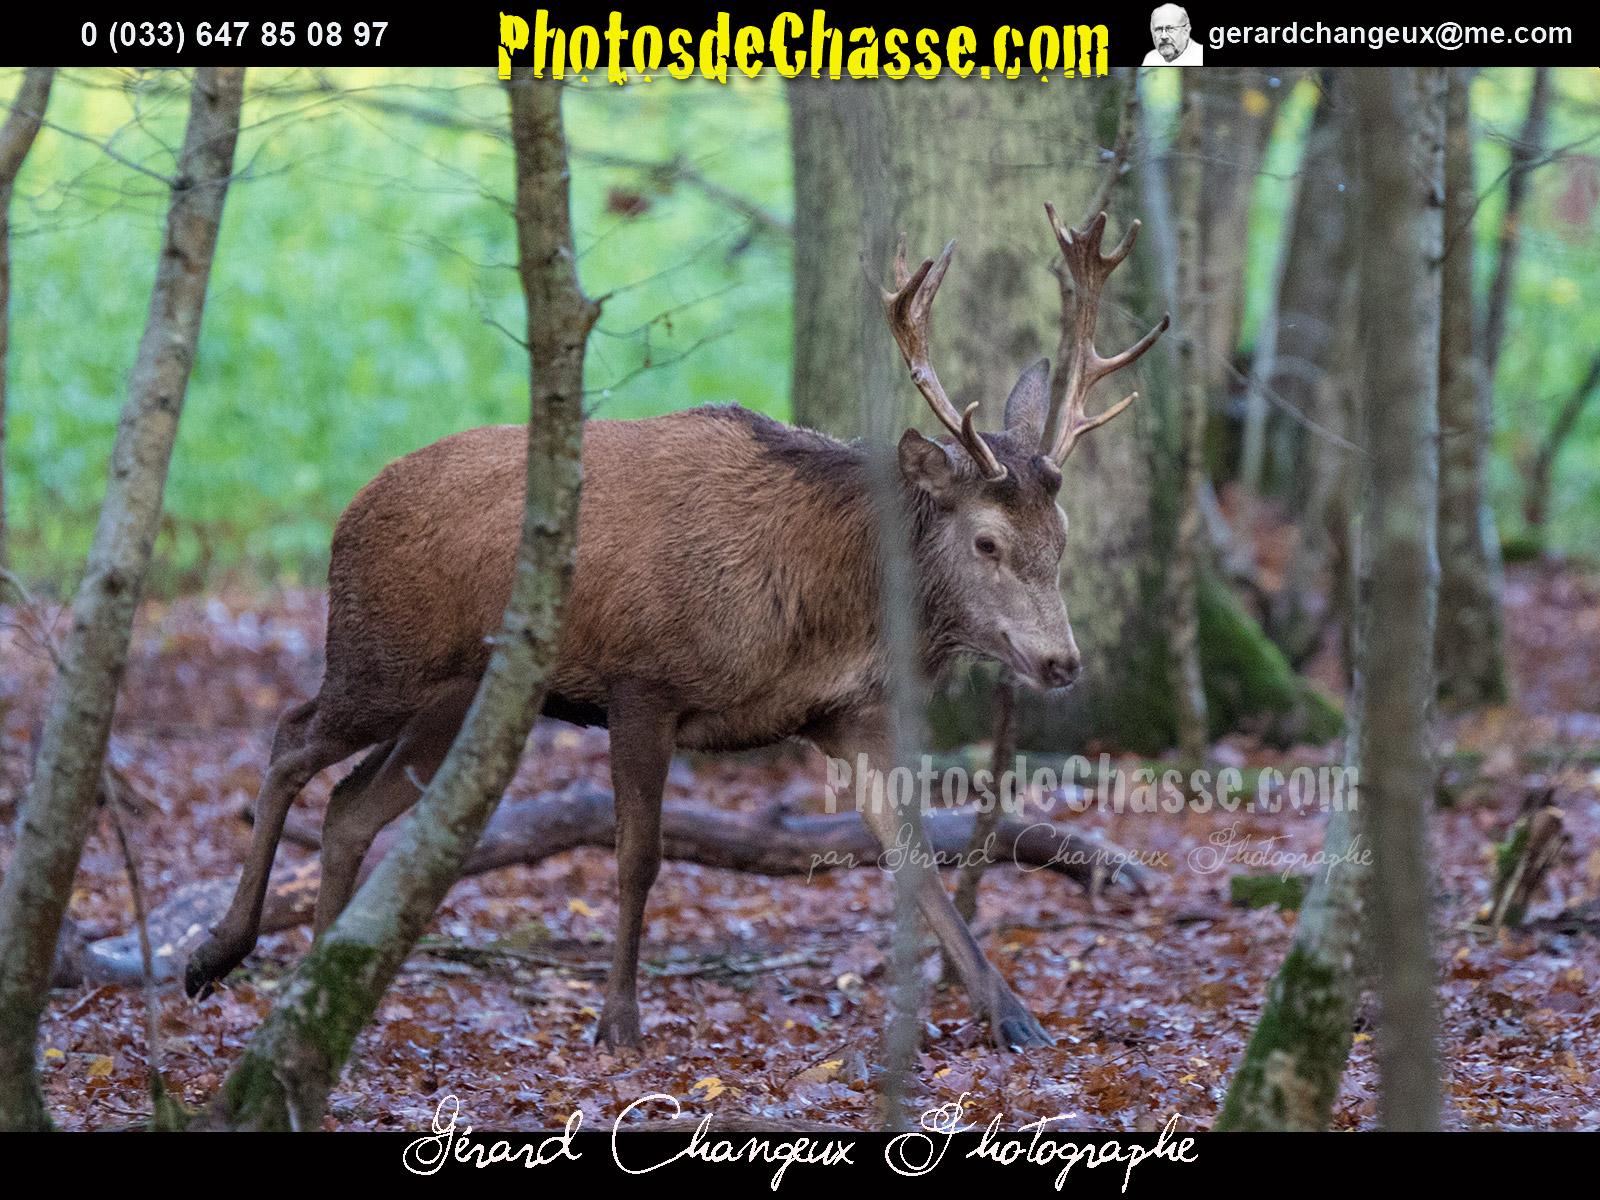 rencontre dans yonne red deer